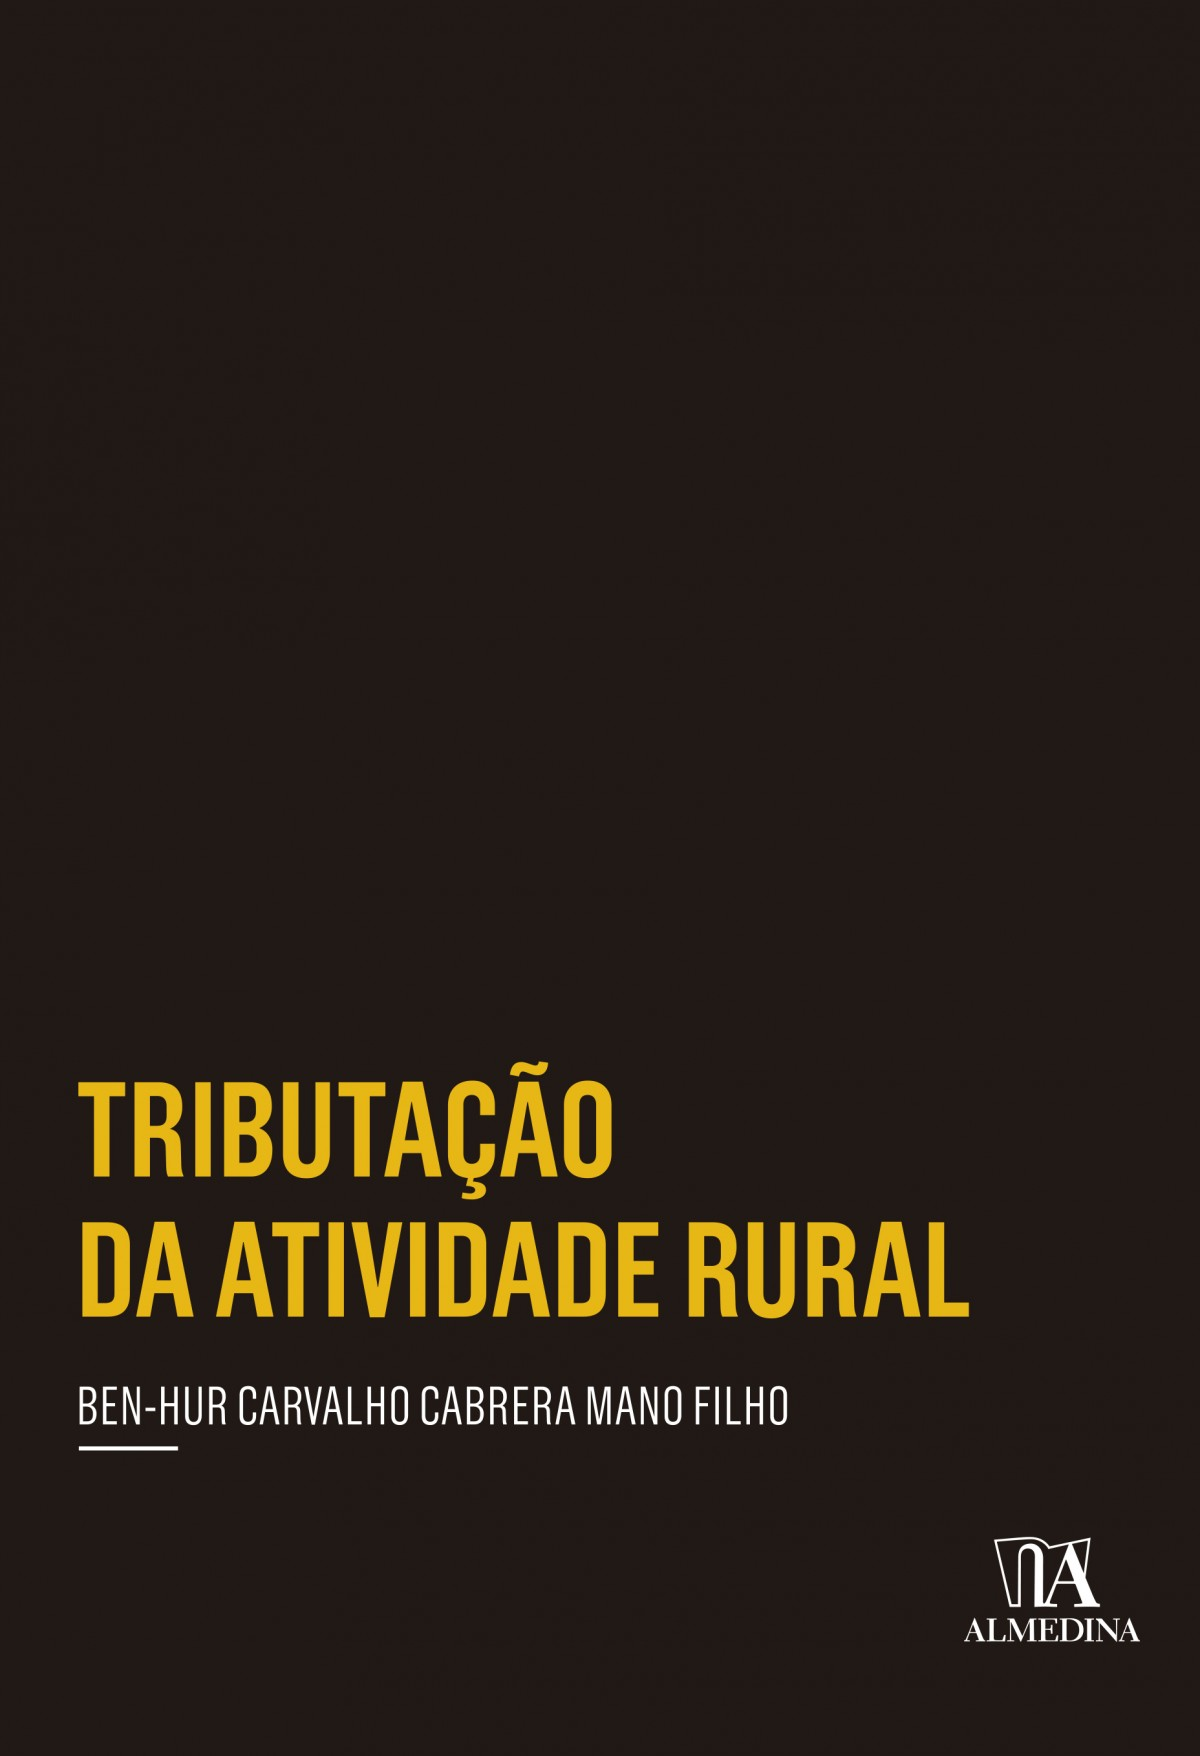 Foto 1 - Tributação da Atividade Rural